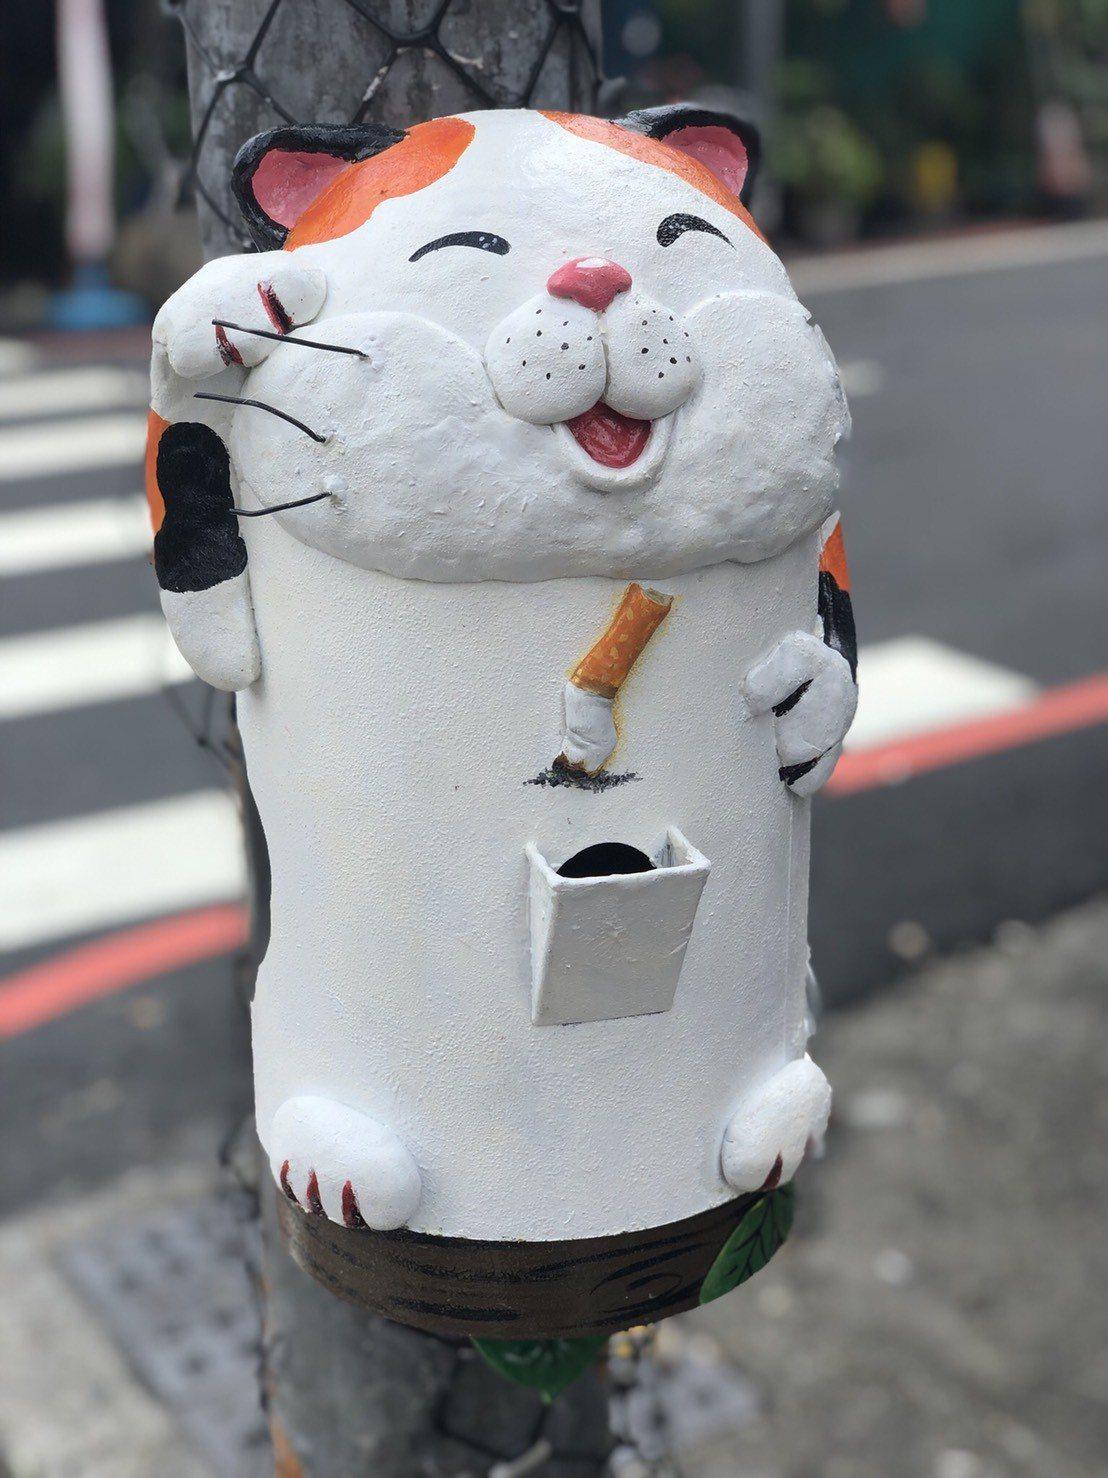 為了鼓勵民眾勿亂丟菸蒂,彰化市公所清潔隊在街頭設計可愛動物造型的菸投器,受到好評...